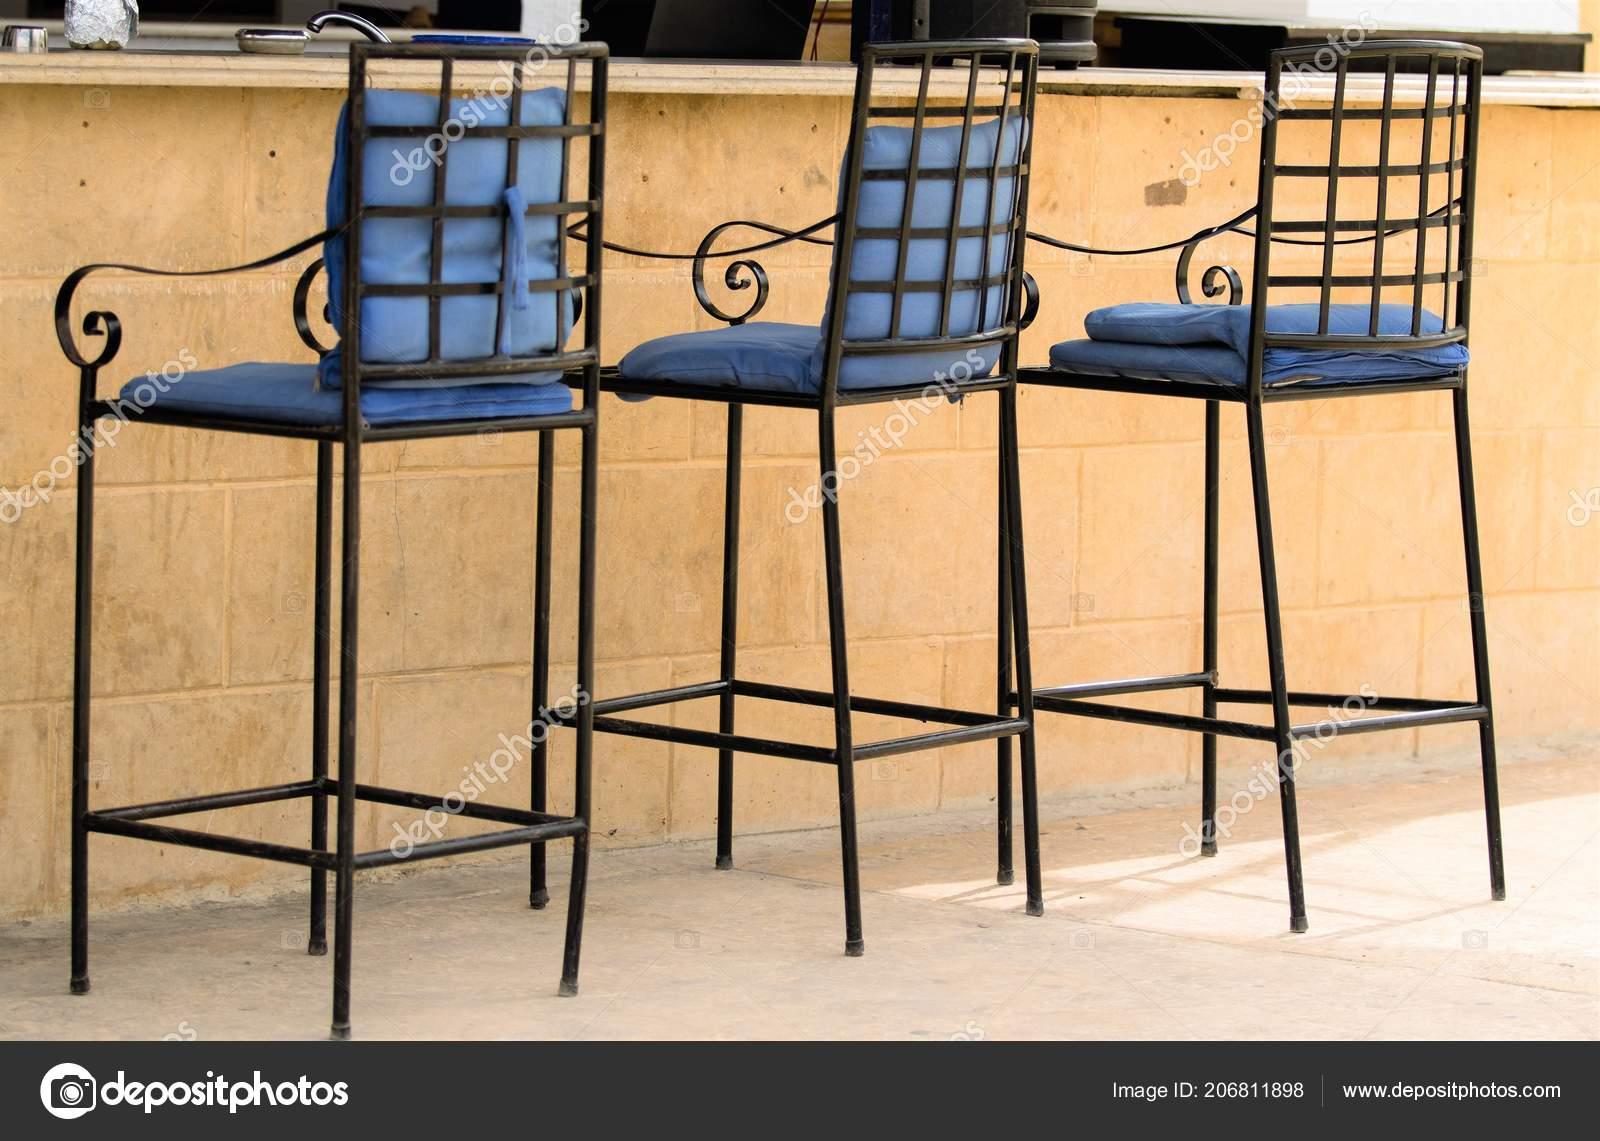 стулья столы улице интерьер кафе стоковое фото Kzwwsko 206811898